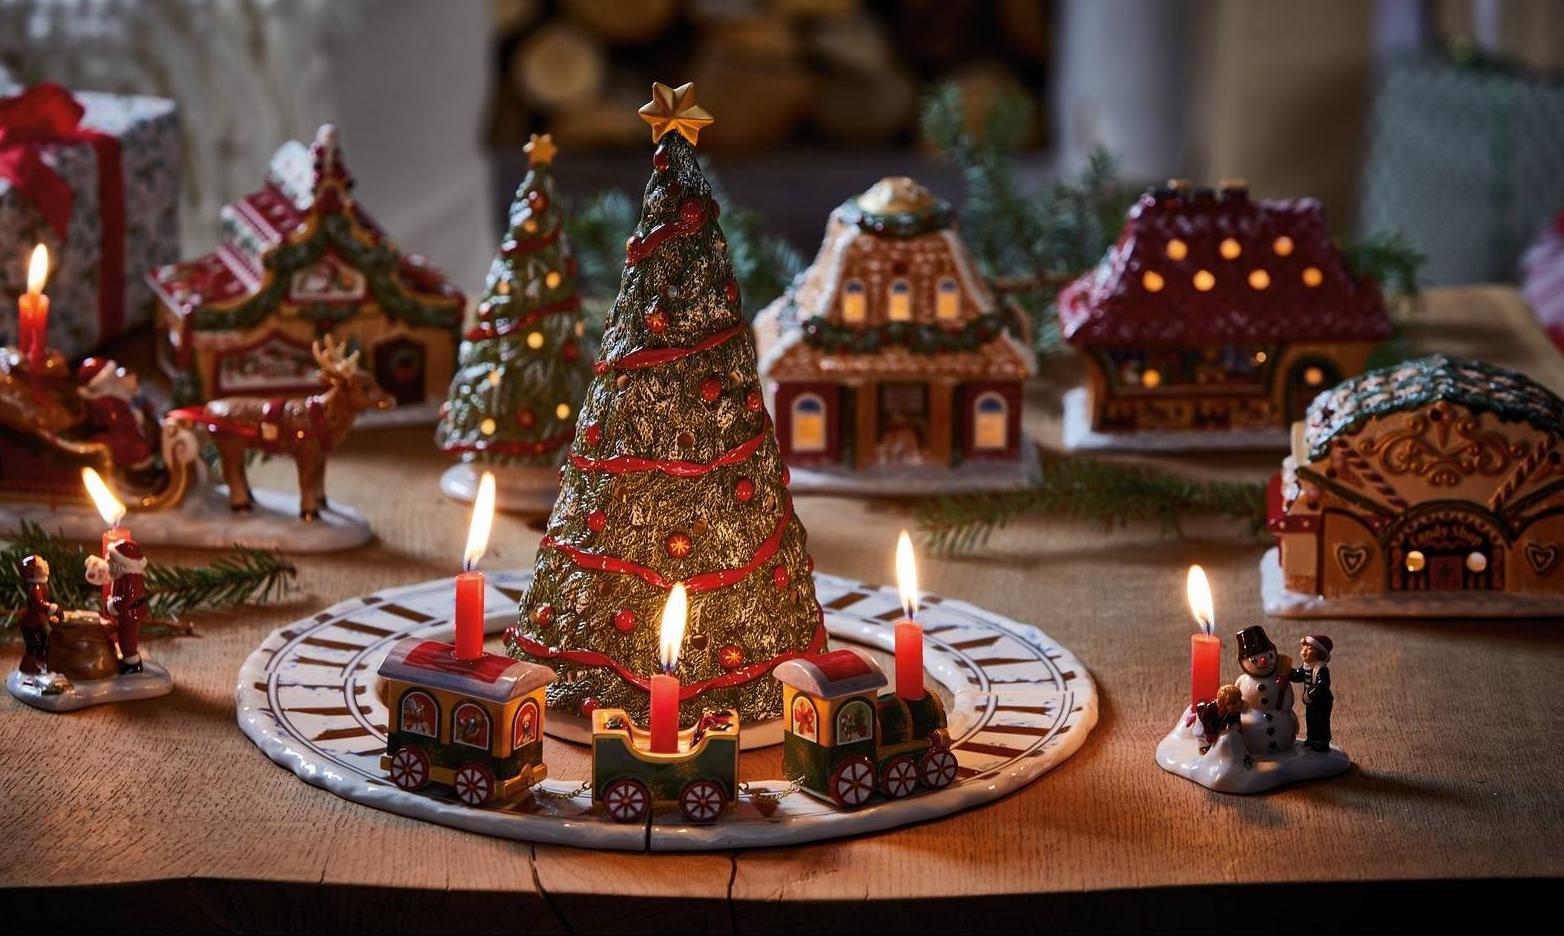 Addobbi Natalizi A 1 Euro.Albero Di Natale E Decorazioni Crea Una Magica Atmosfera Cose Di Casa